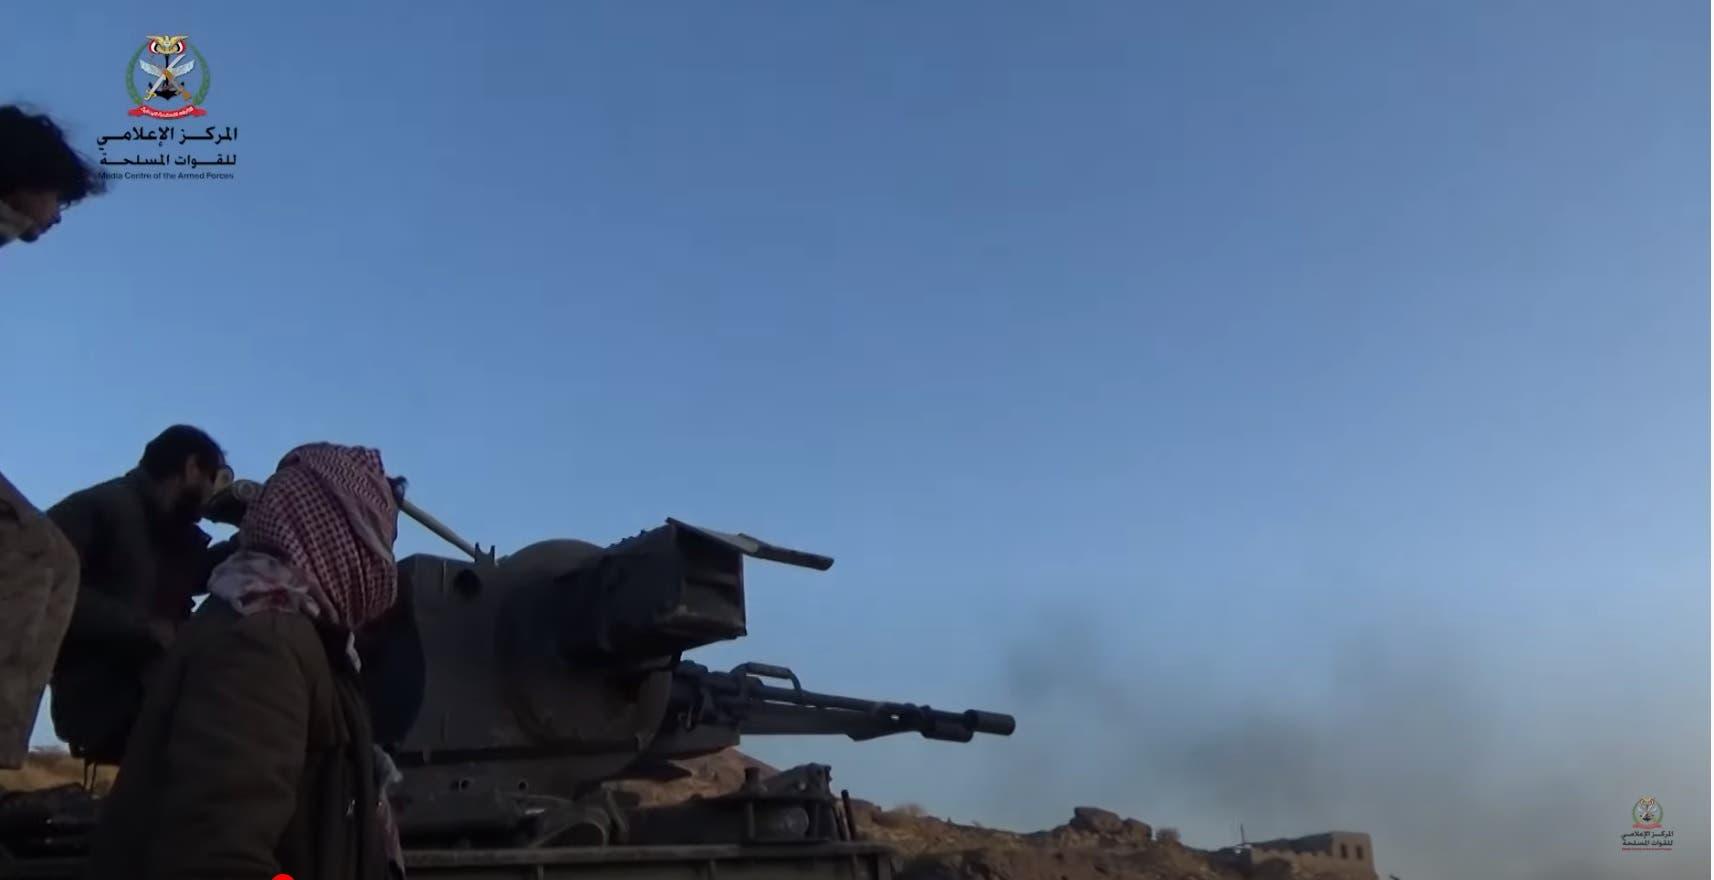 من عمليات الجيش اليمني في مأرب (أرشيفية)